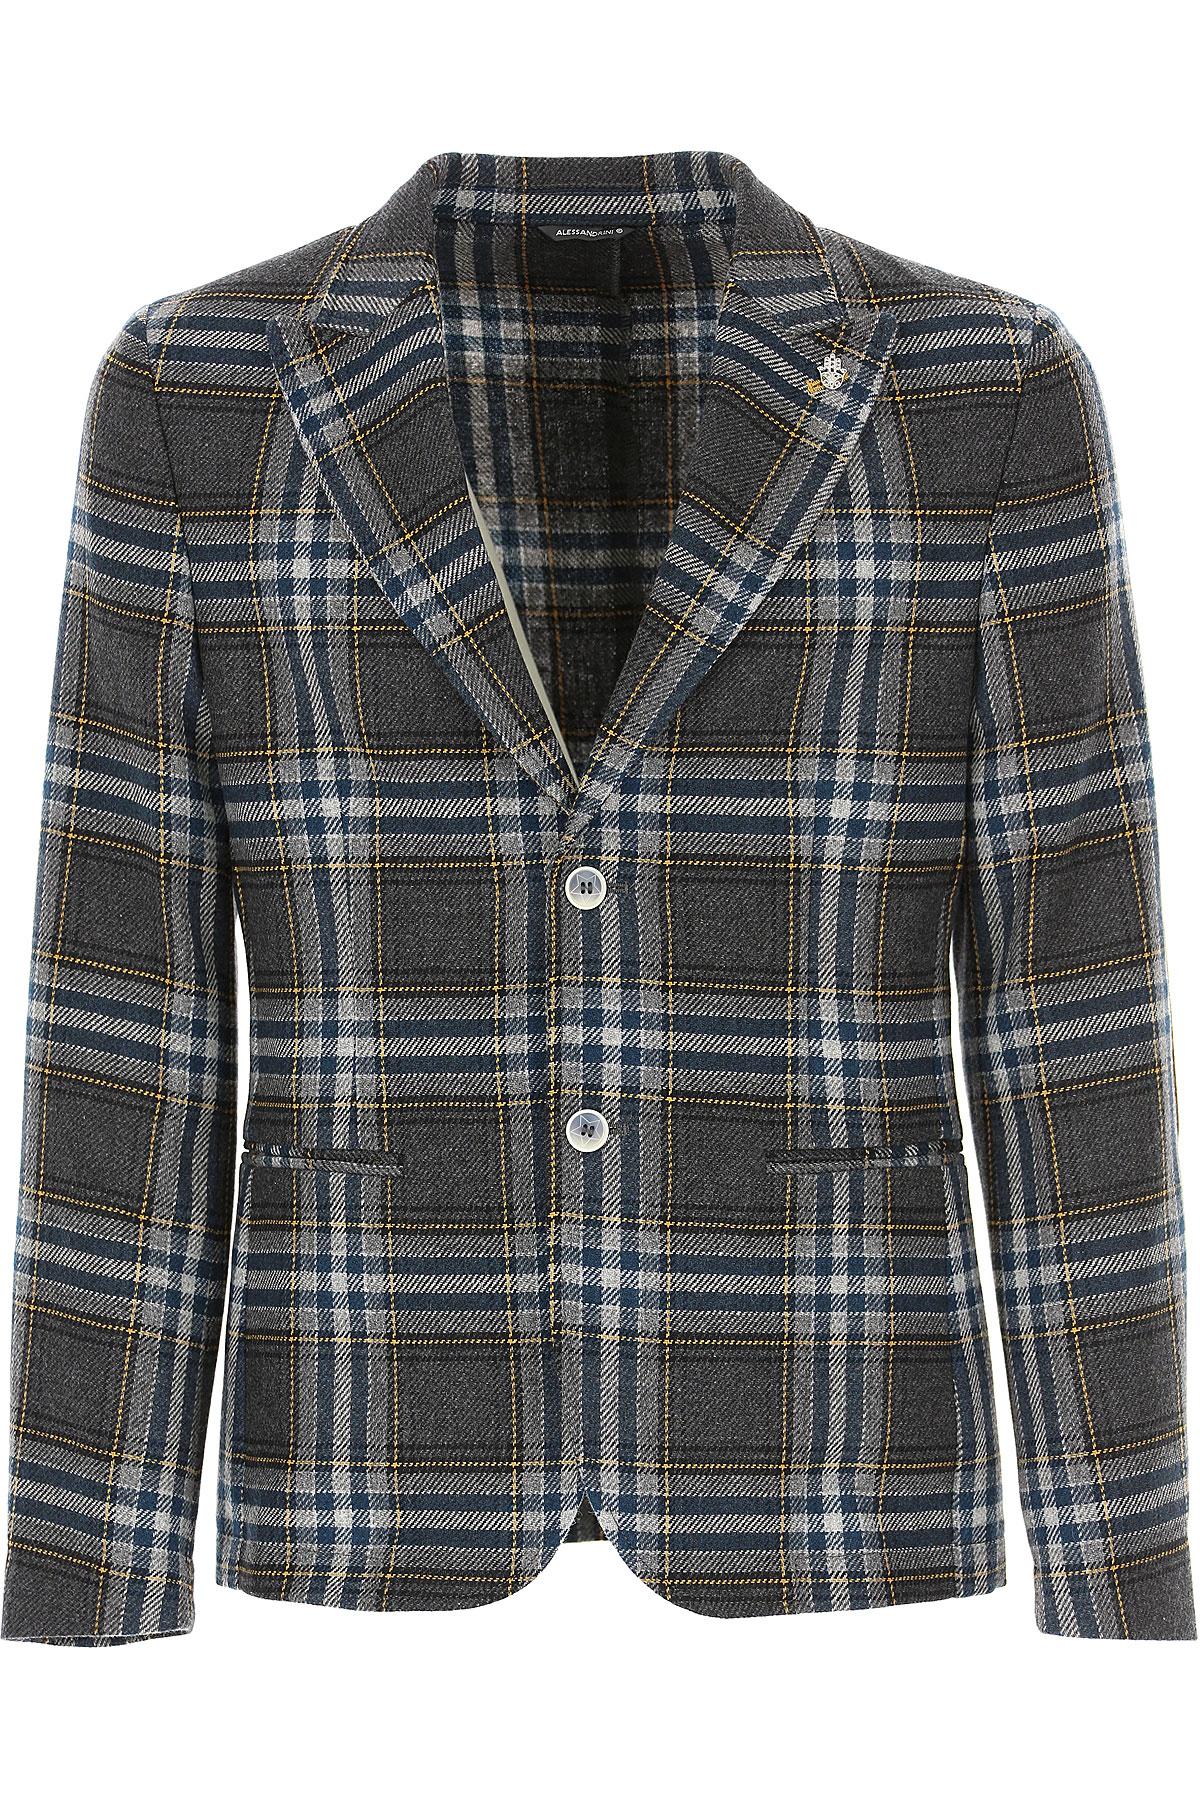 Daniele Alessandrini Blazer for Men, Sport Coat On Sale, Grey, Wool, 2019, L M XL